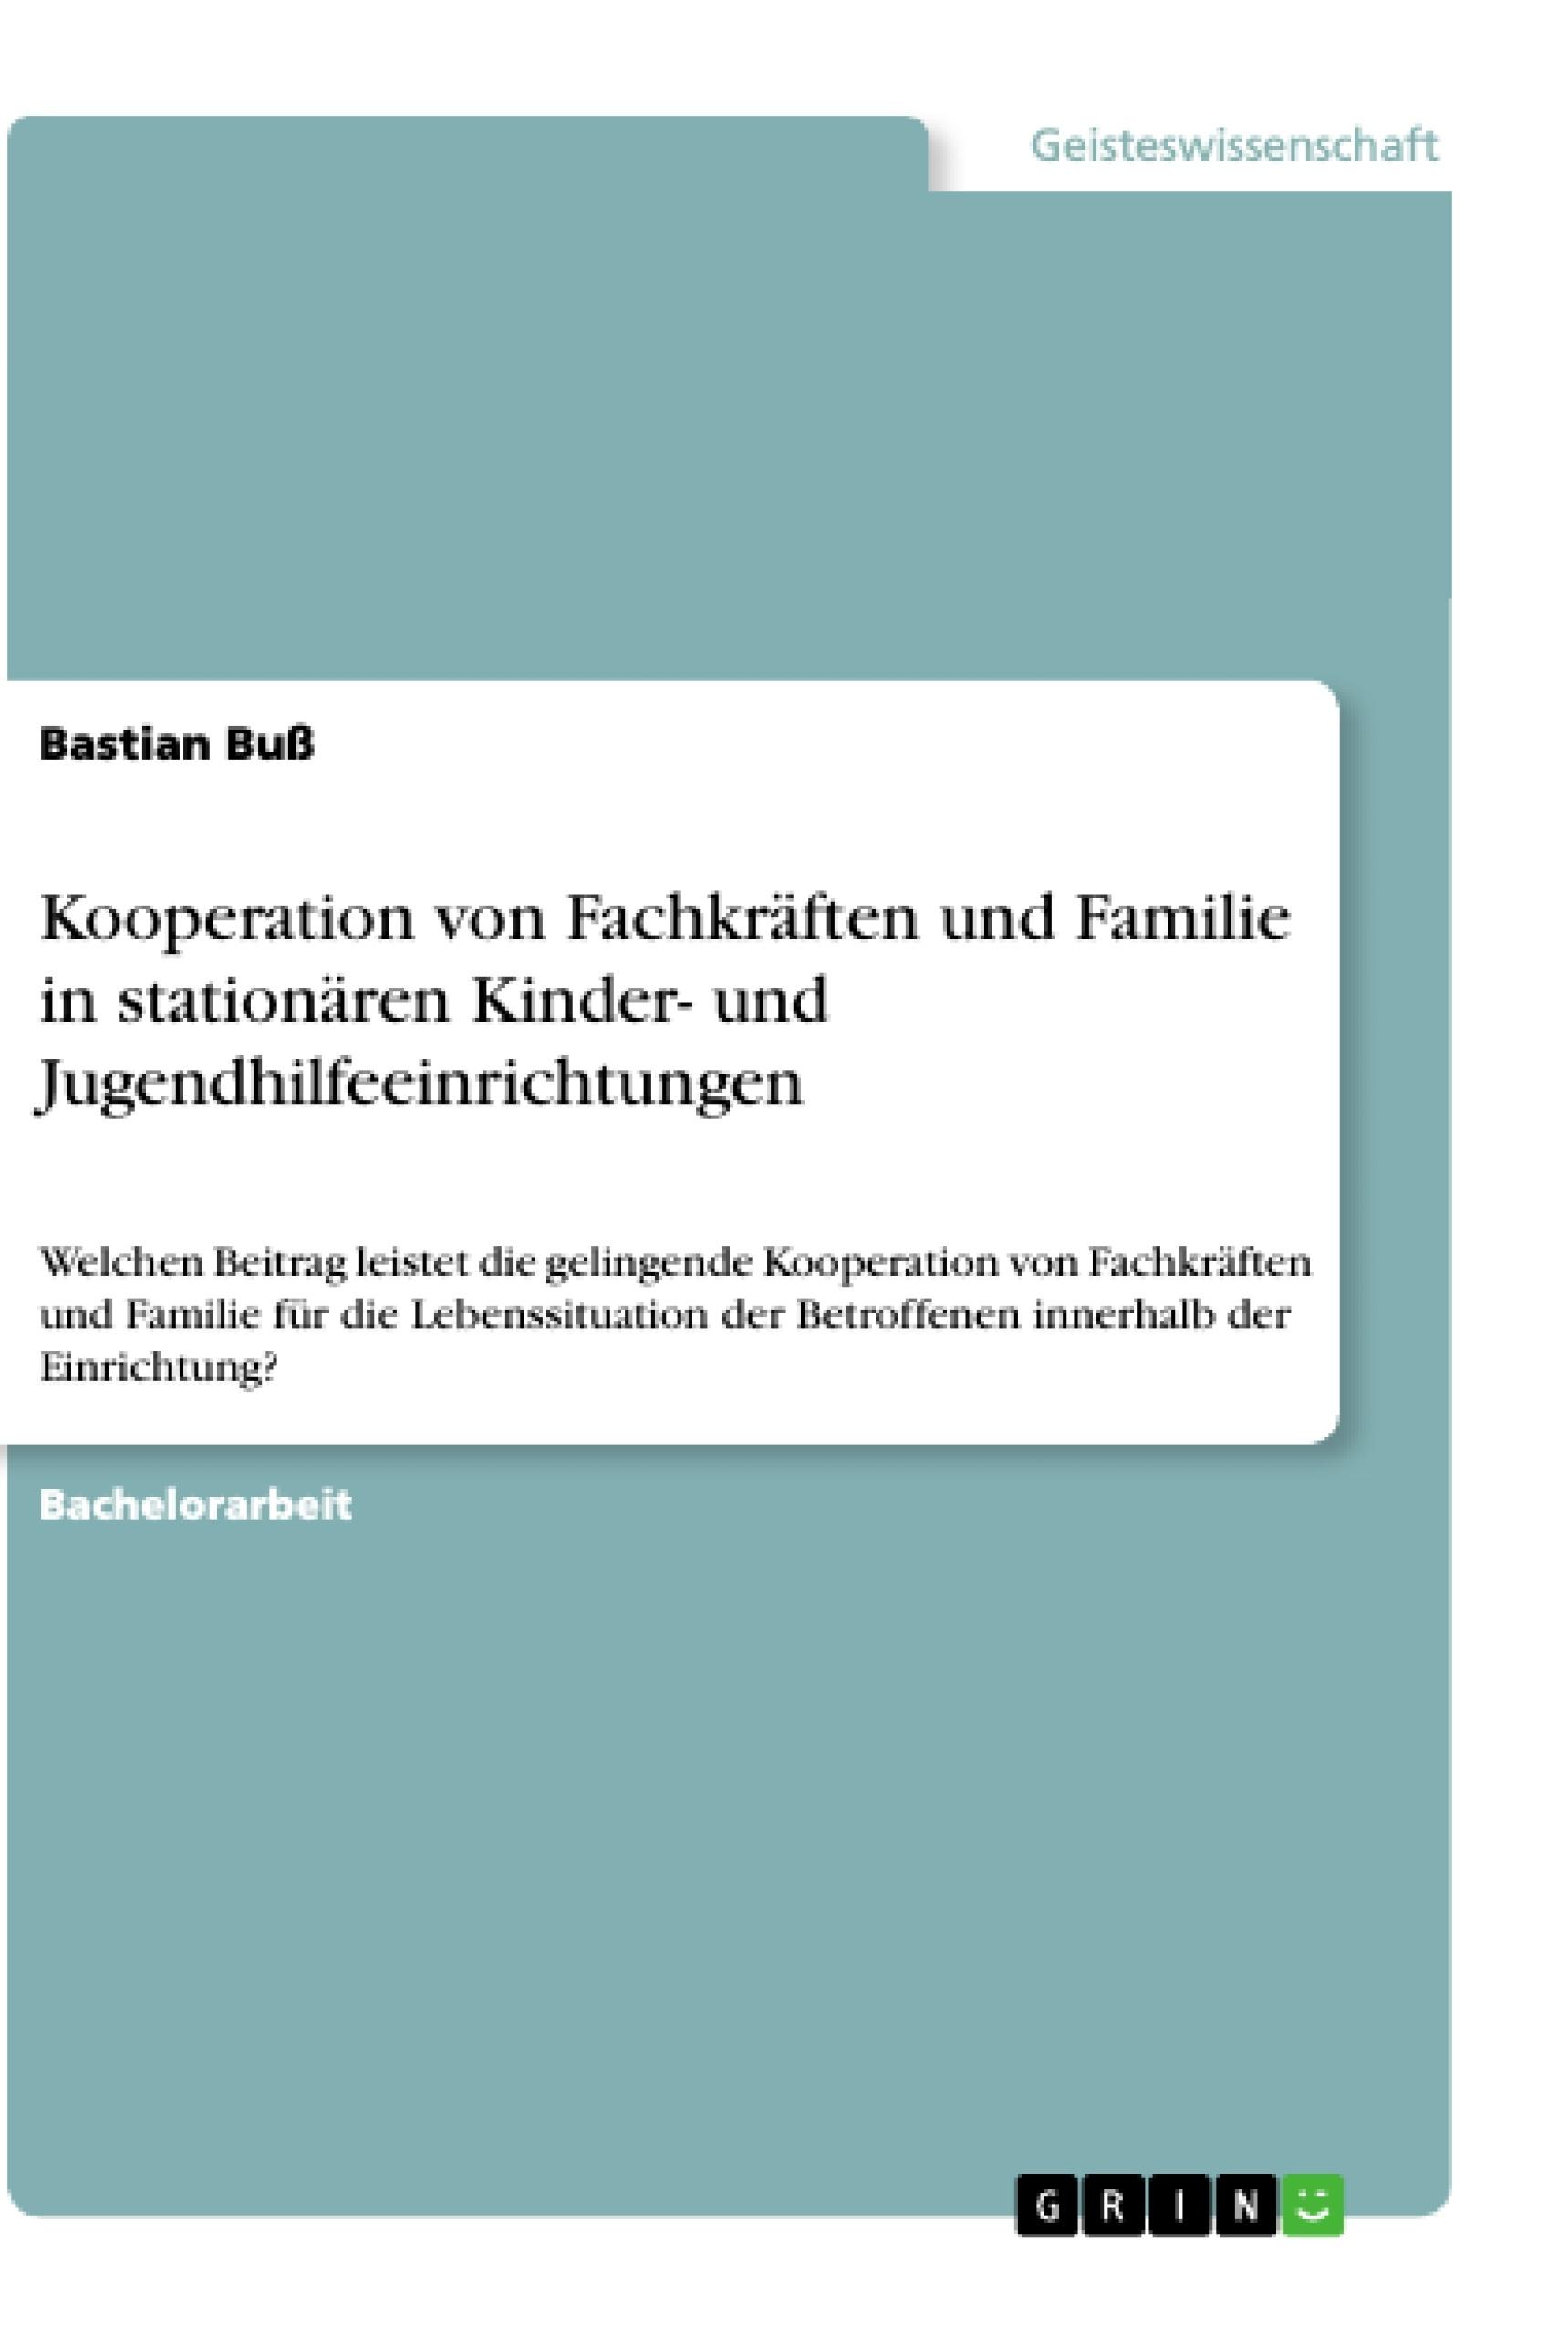 Titel: Kooperation von Fachkräften und Familie in stationären Kinder- und Jugendhilfeeinrichtungen